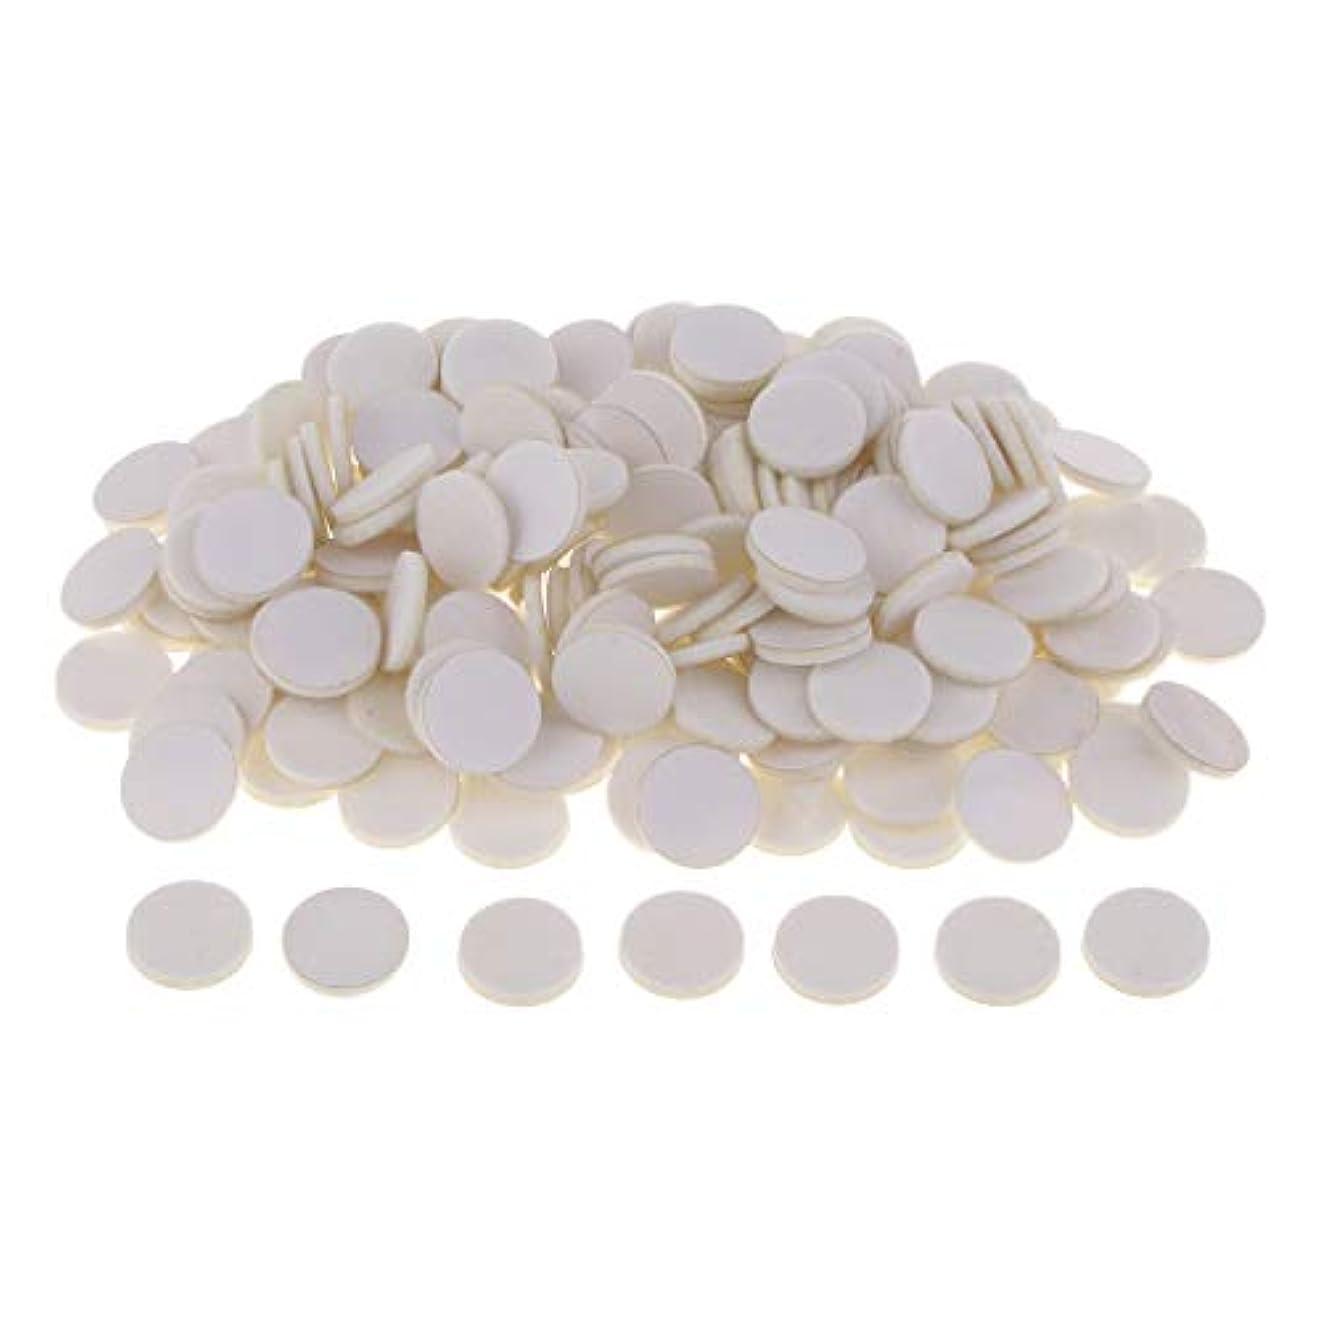 腹痛オーディション変換ディフューザーパッド アロマパッド パッド 精油 エッセンシャルオイル 香り 約200個入り 全11色 - 白